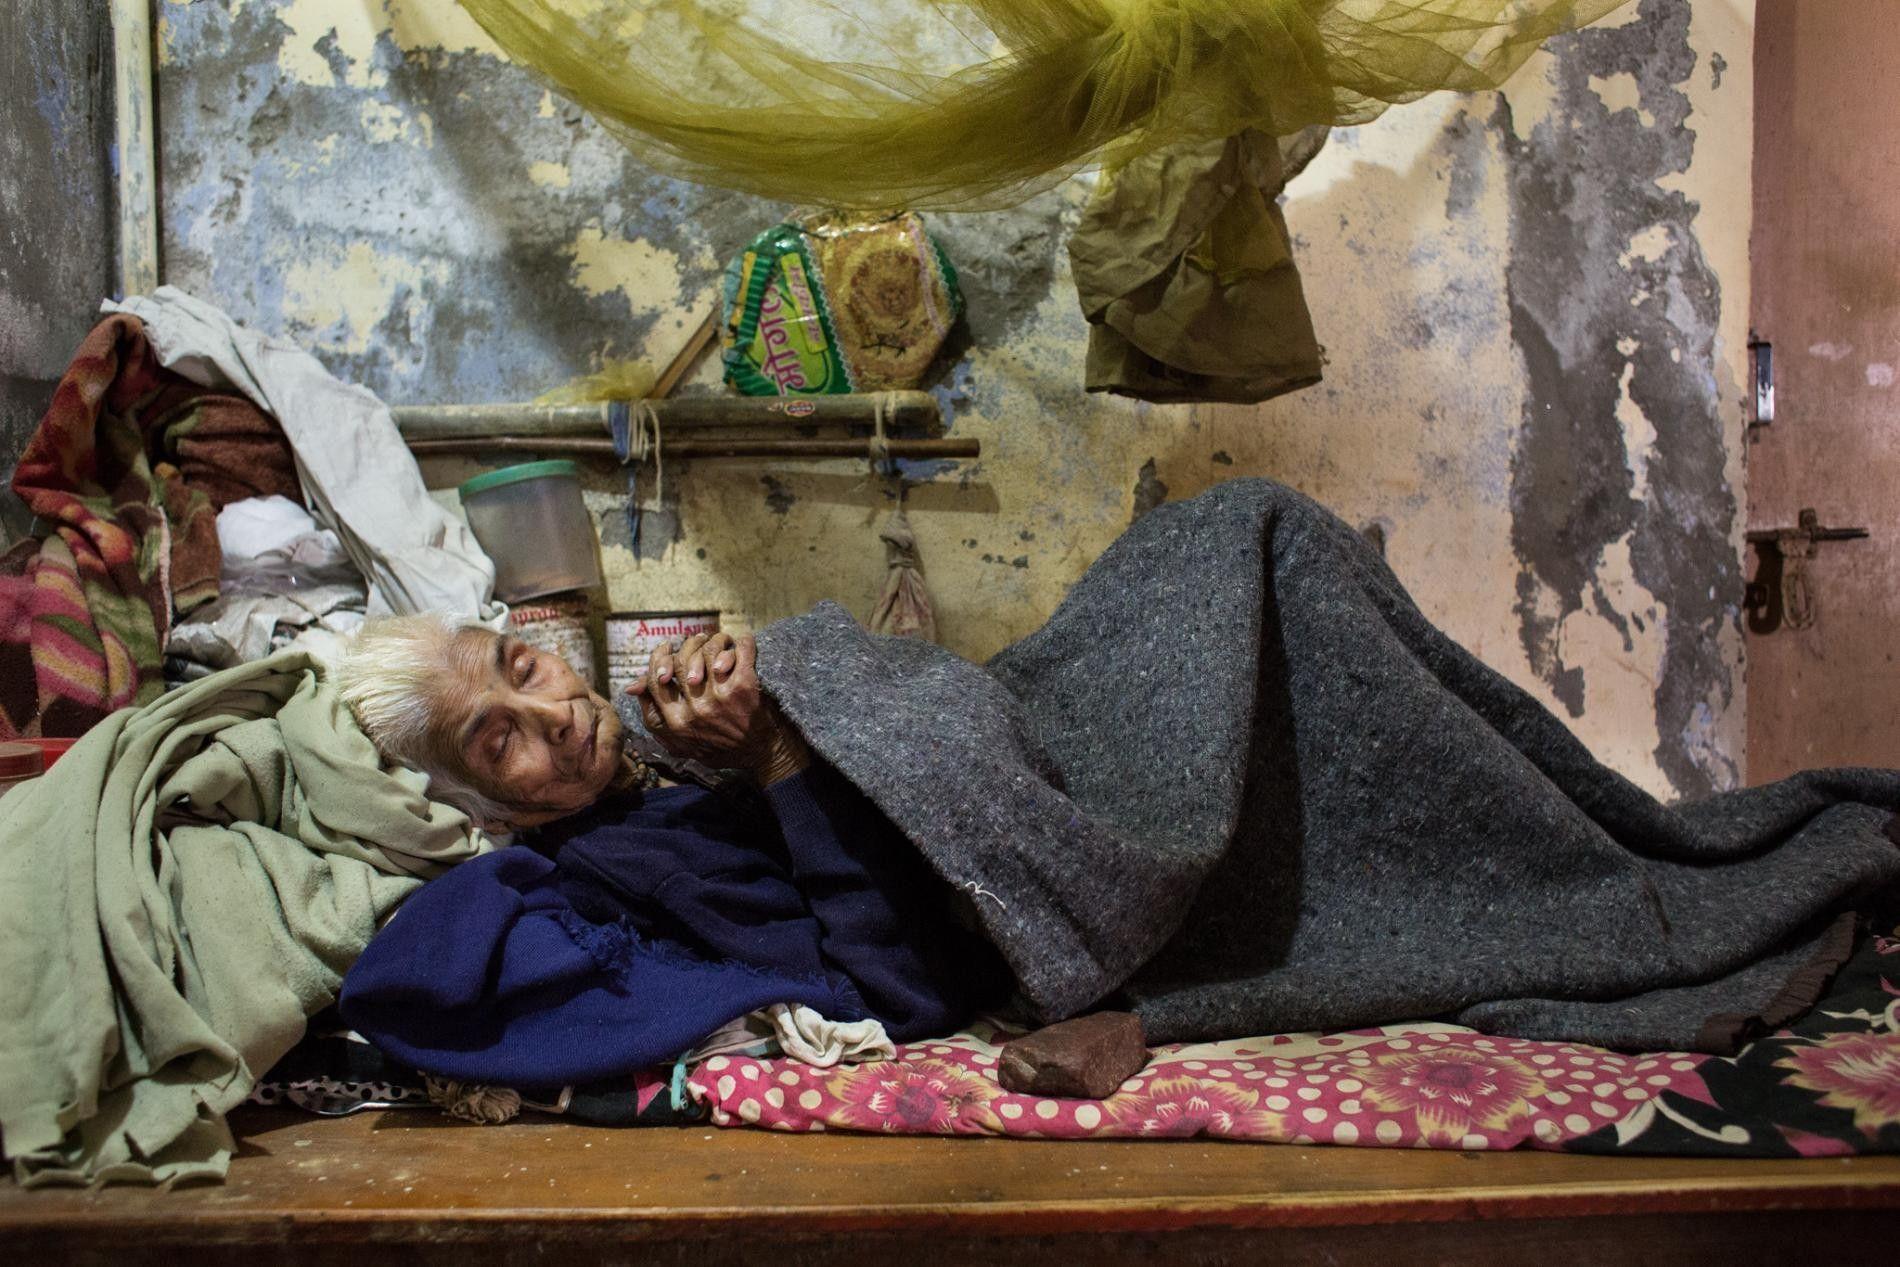 INDE - Les affaires d'une veuve l'entourent dans un ashram de Varanasi qui, depuis des générations, ...